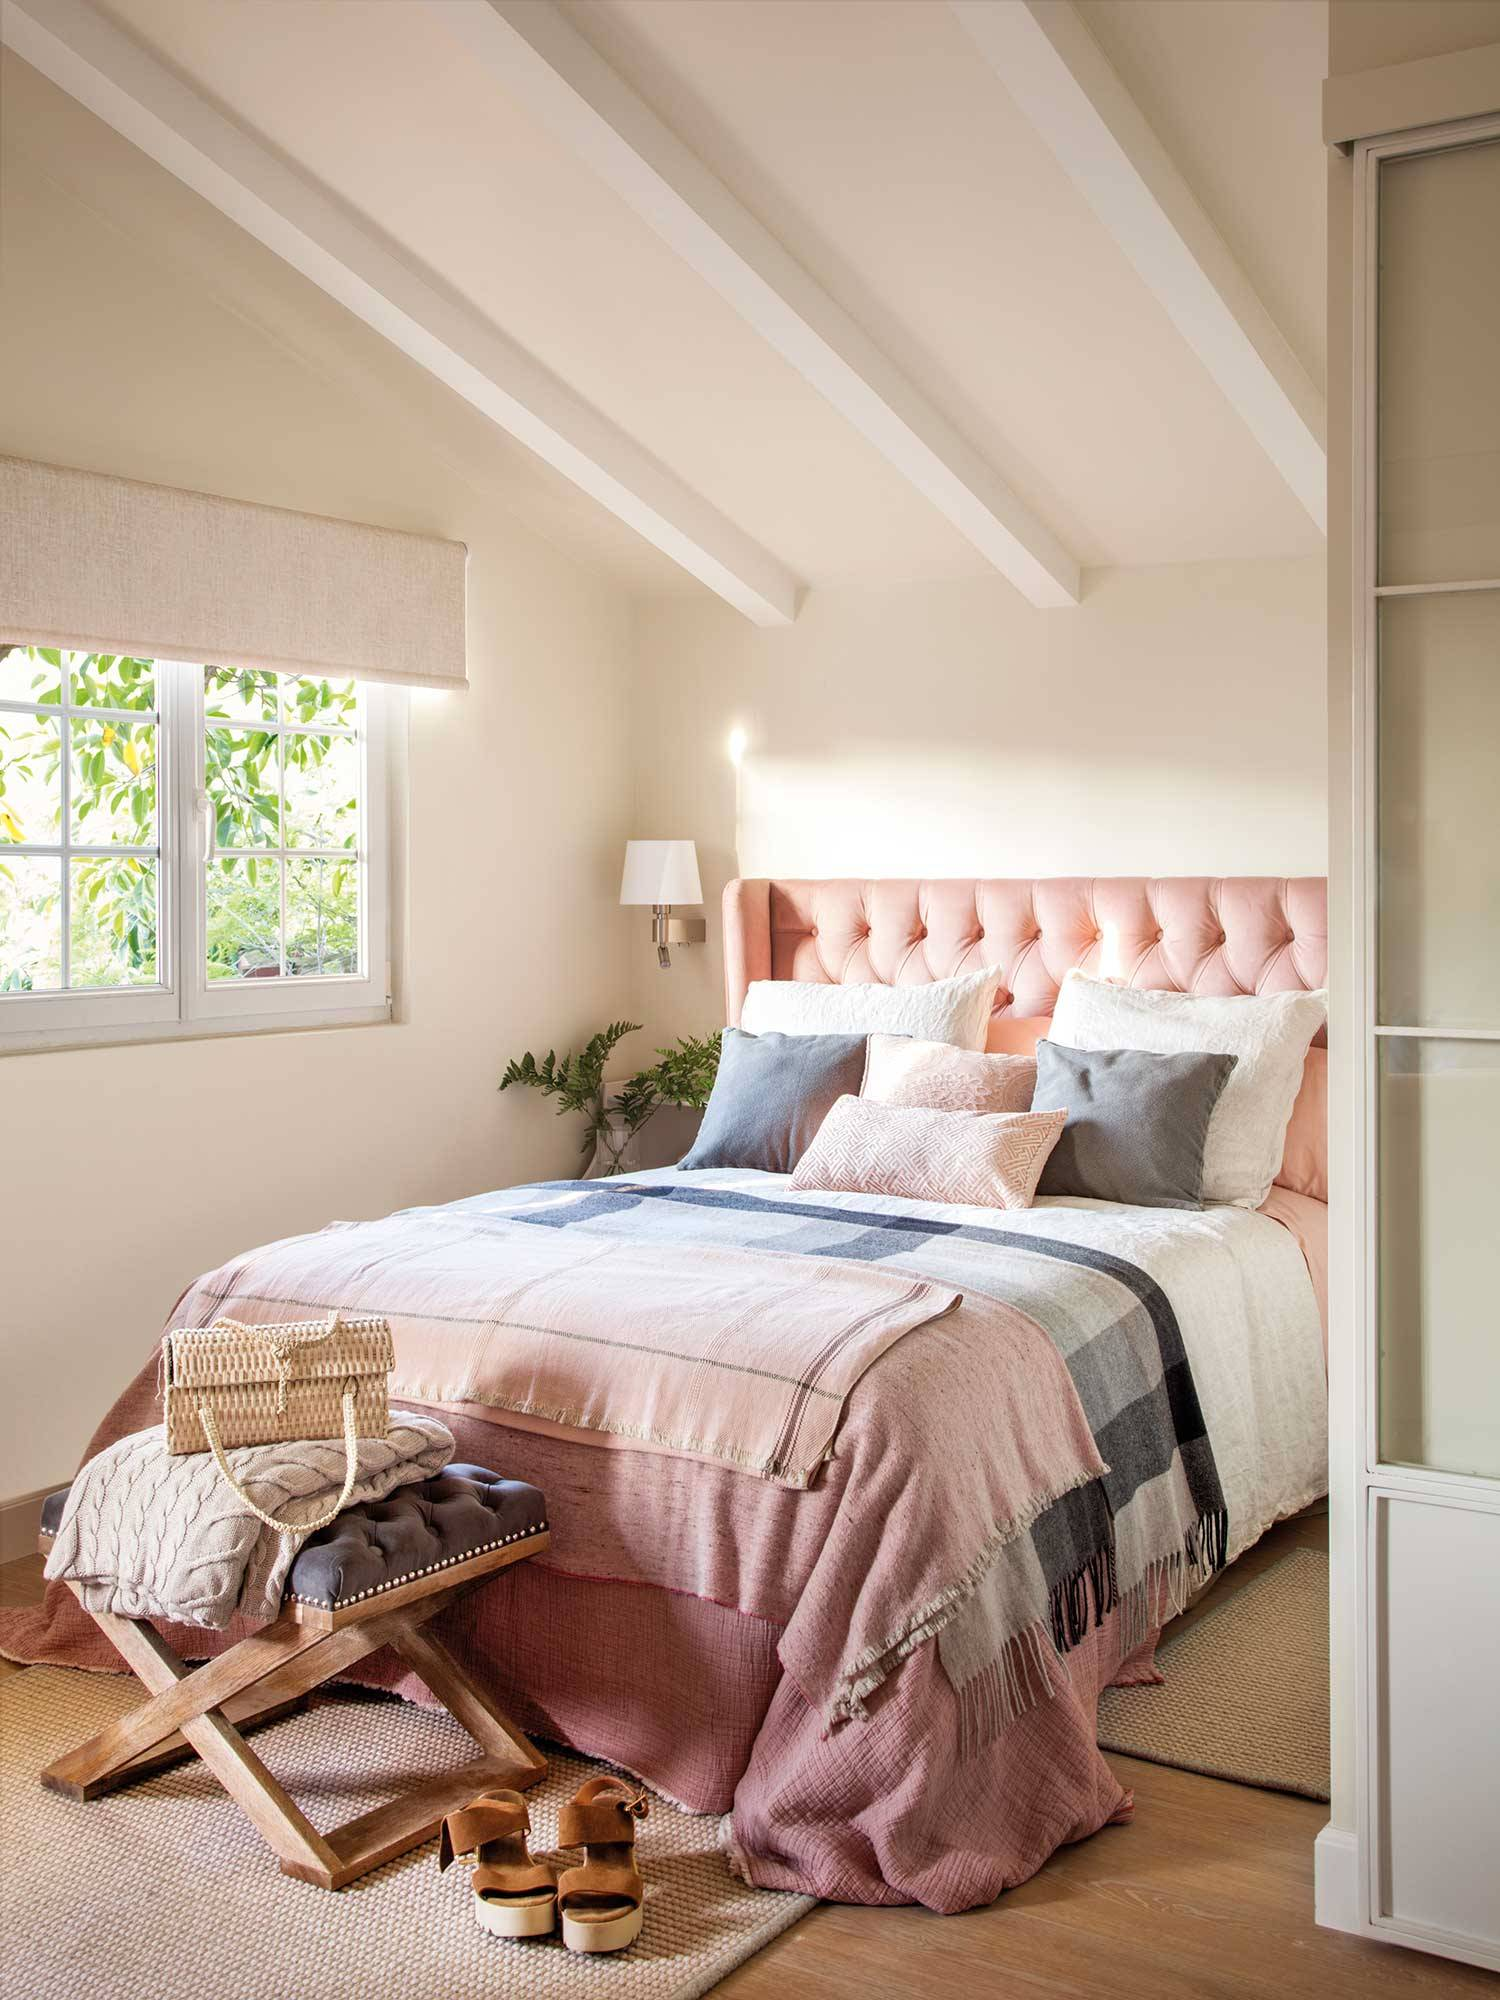 00489123. Tonos suaves para un dormitorio de primavera 粉色床的卧室